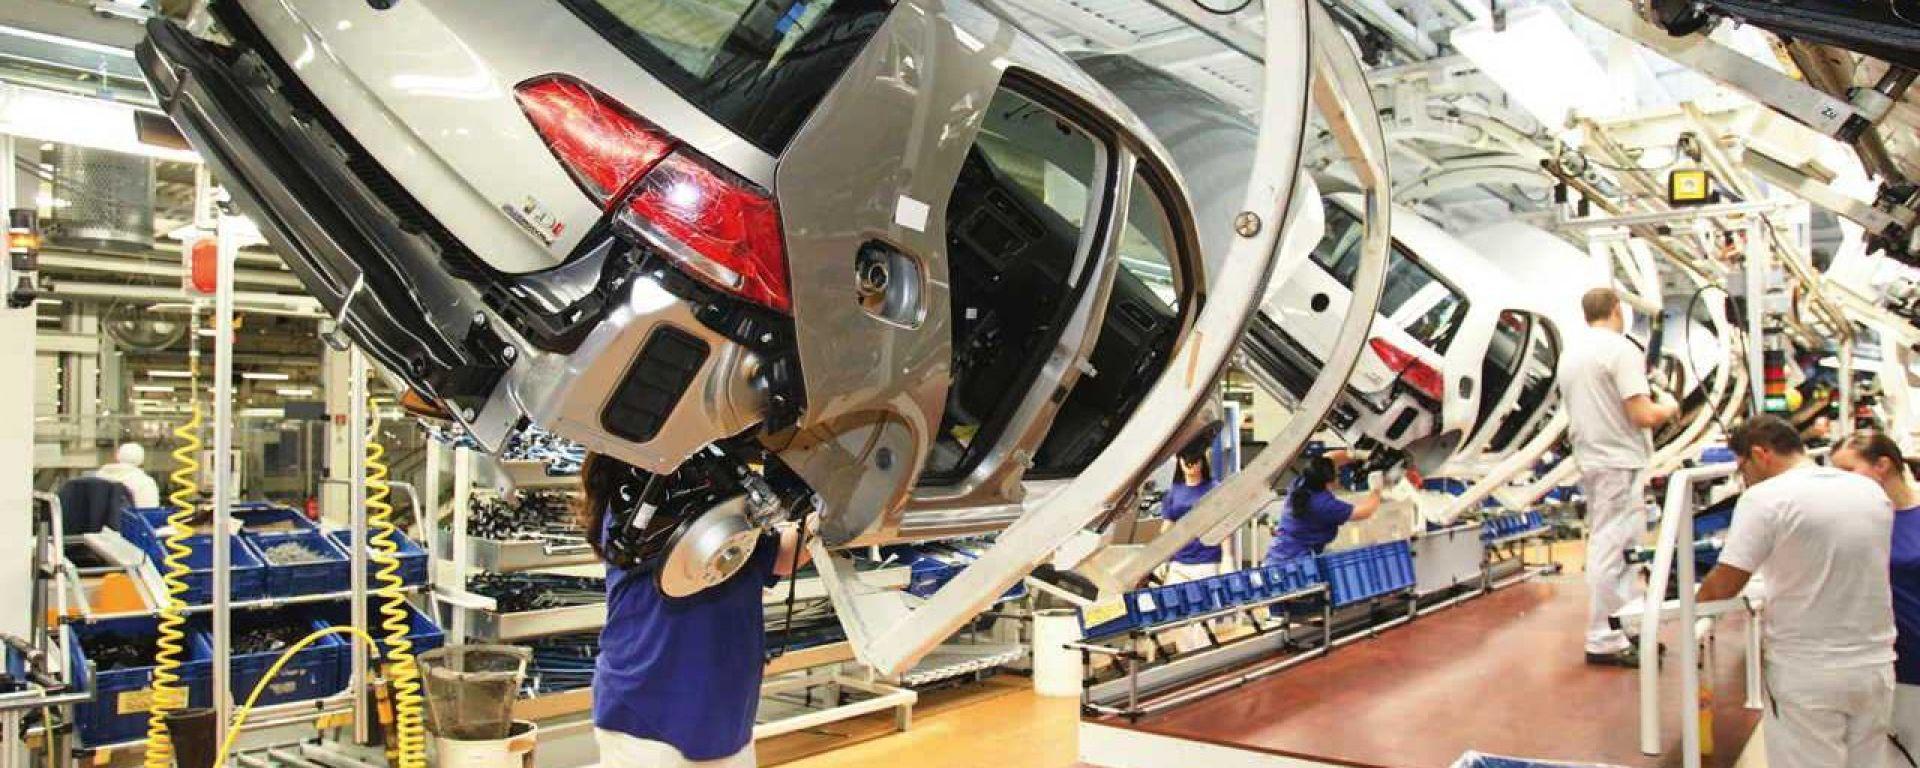 Volkswagen Golf: sospesa la produzione per una settimana